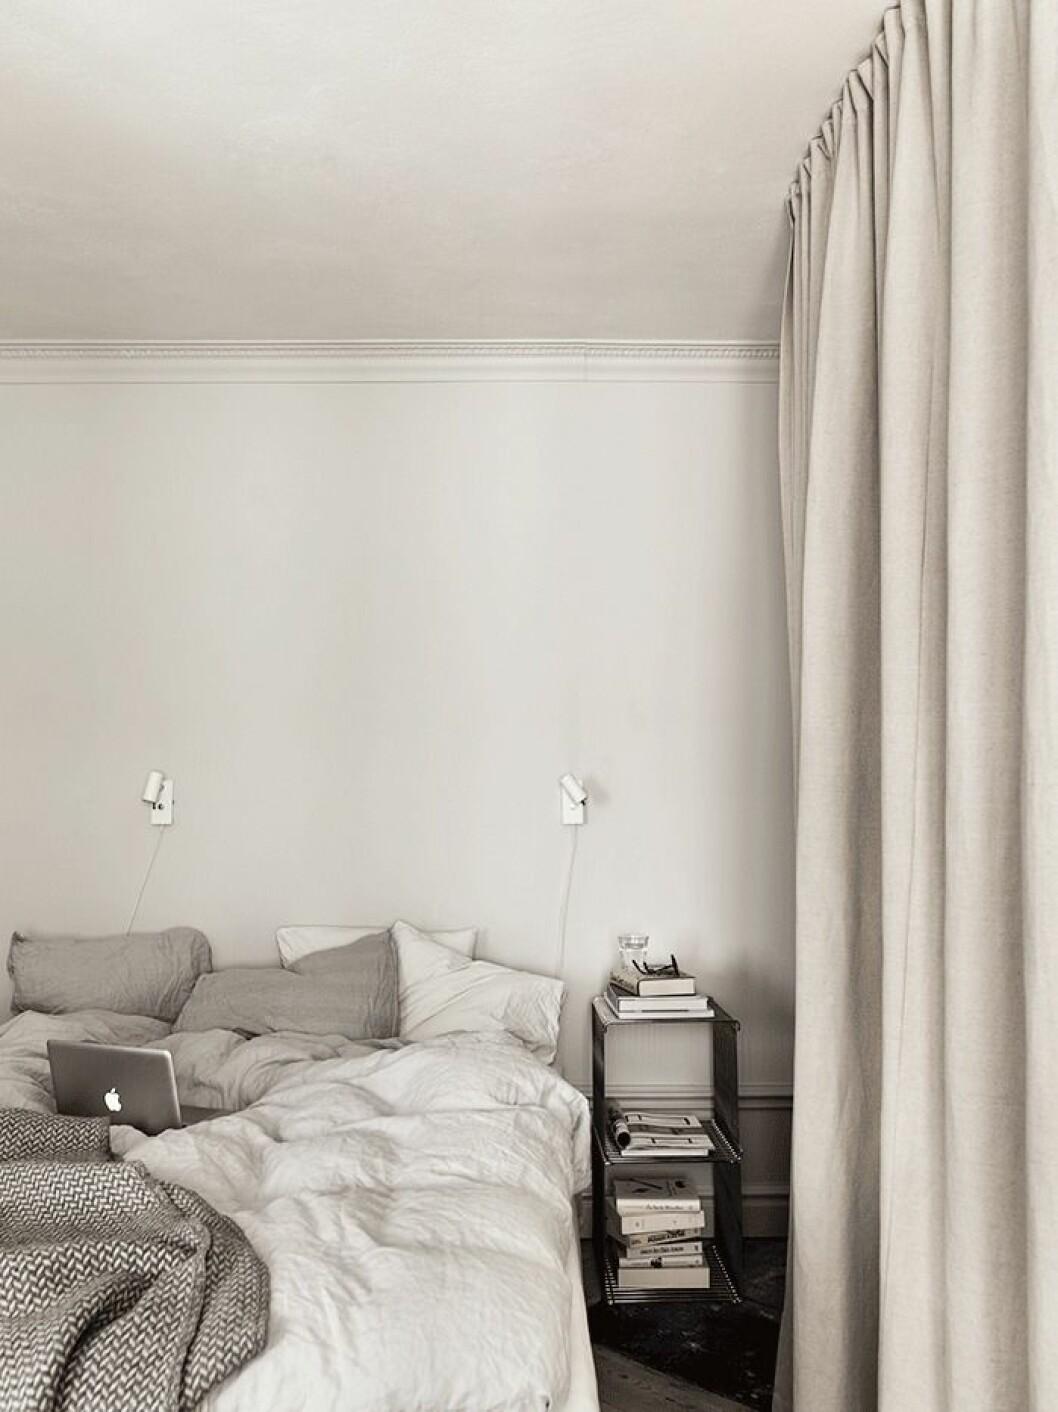 Sovrummet är avskalat och rofyllt inrett. Längs ena väggen finns väggfast förvaring bakom ett draperi från Tygverket. Sängborden är moduler av Verner Panton, Montana, och lampan Cato tillverkas av Belid.